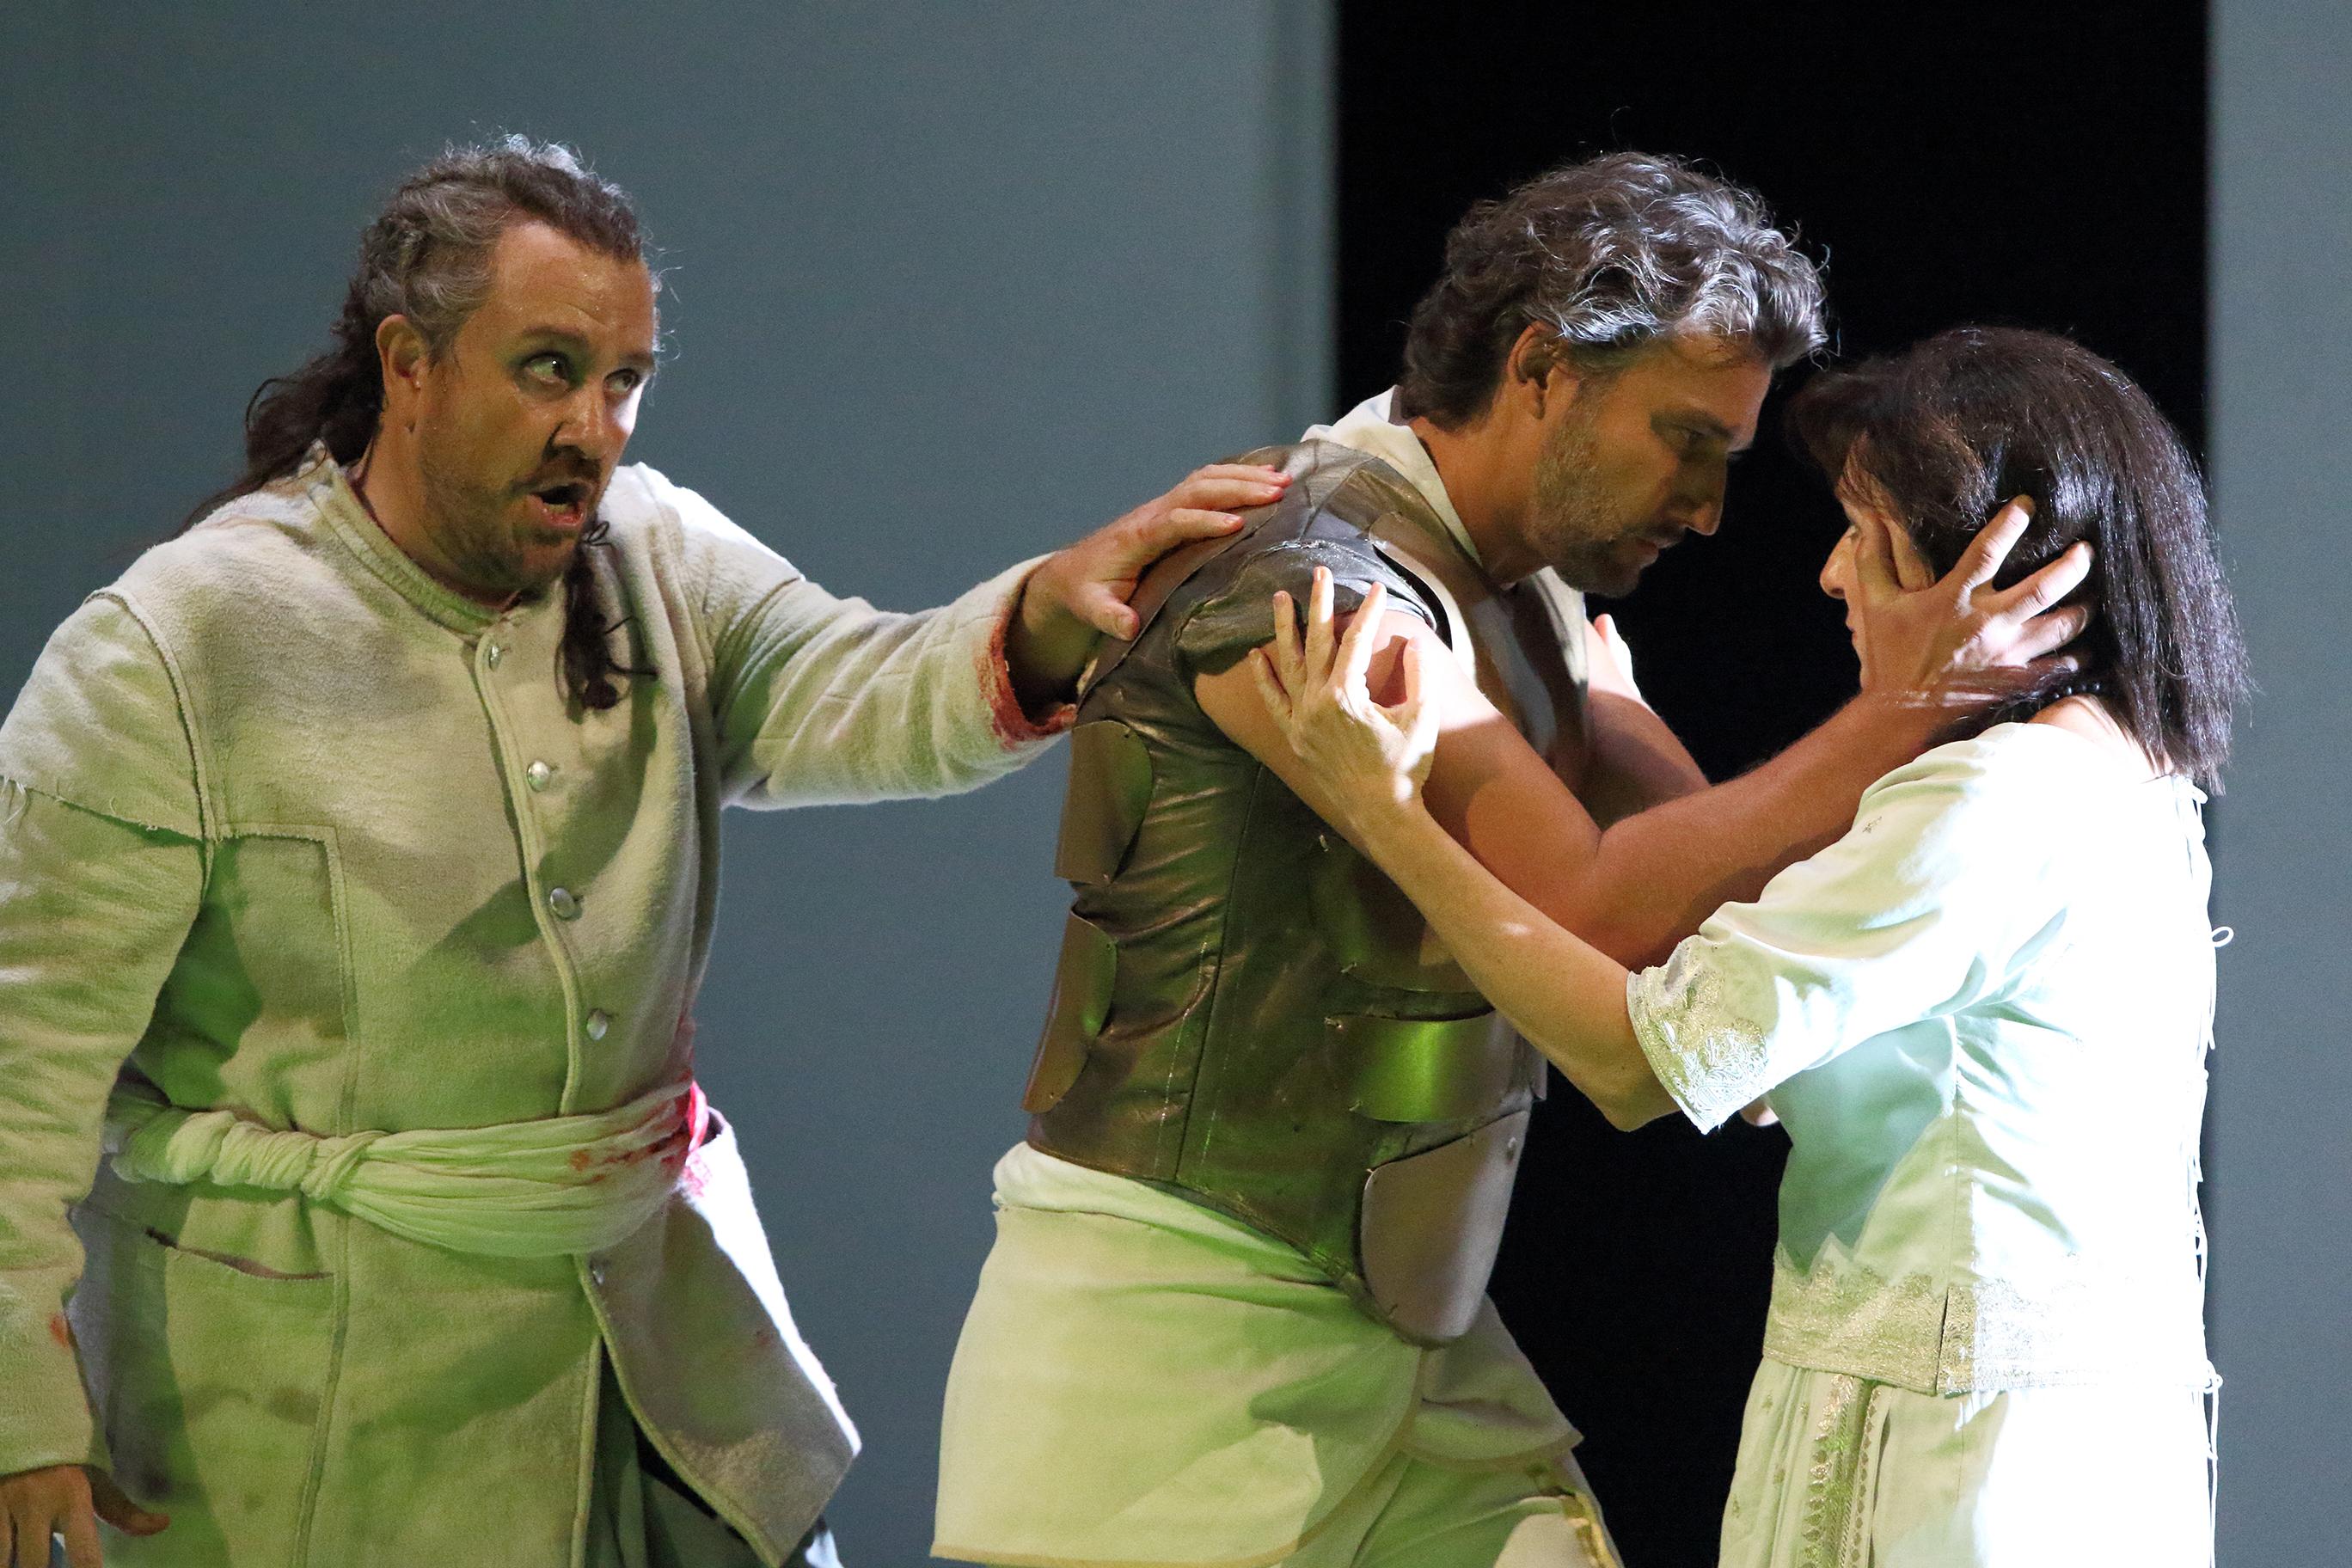 Aida con Jonas Kauffman and Krassimira Stoyanova © Bayerische Staatsoper